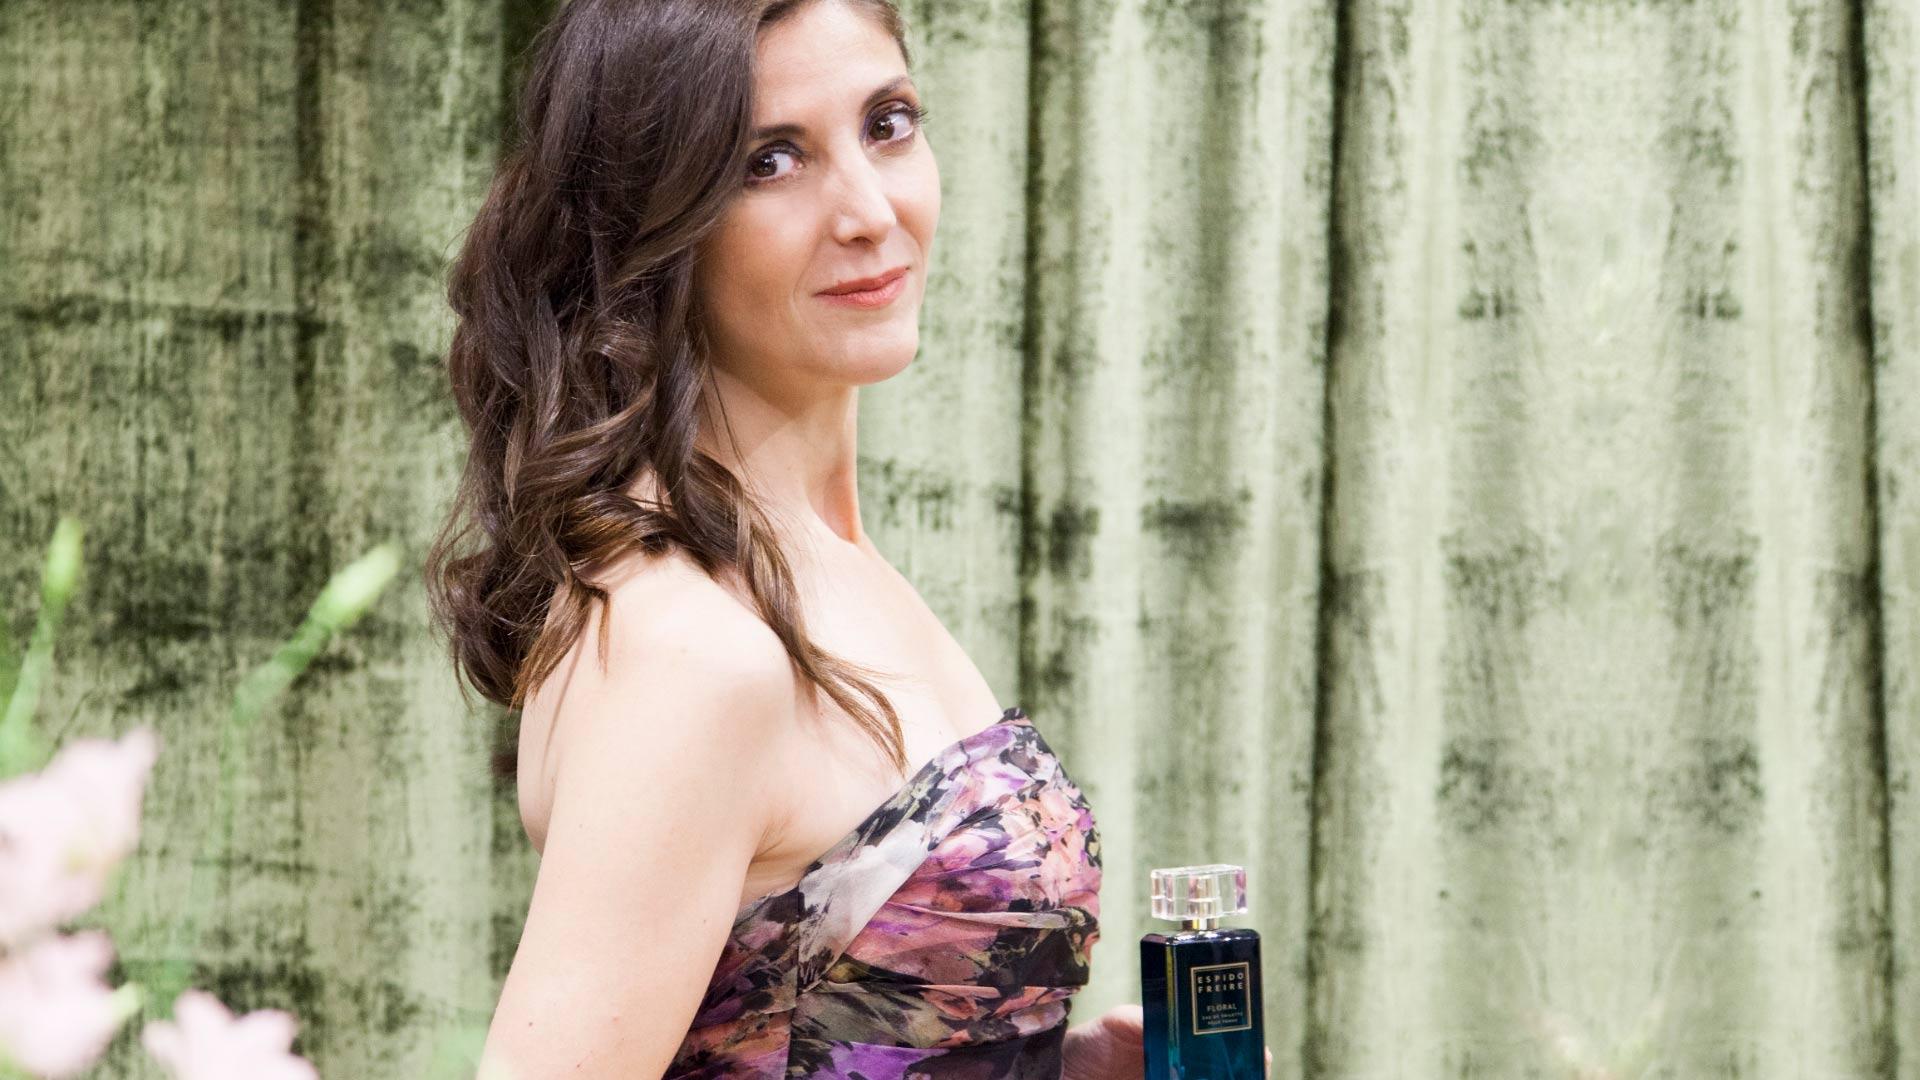 Espido-Freire-Floral-Fragancia-Relato-Inédito-Escritora-Perfume-Magasalfa